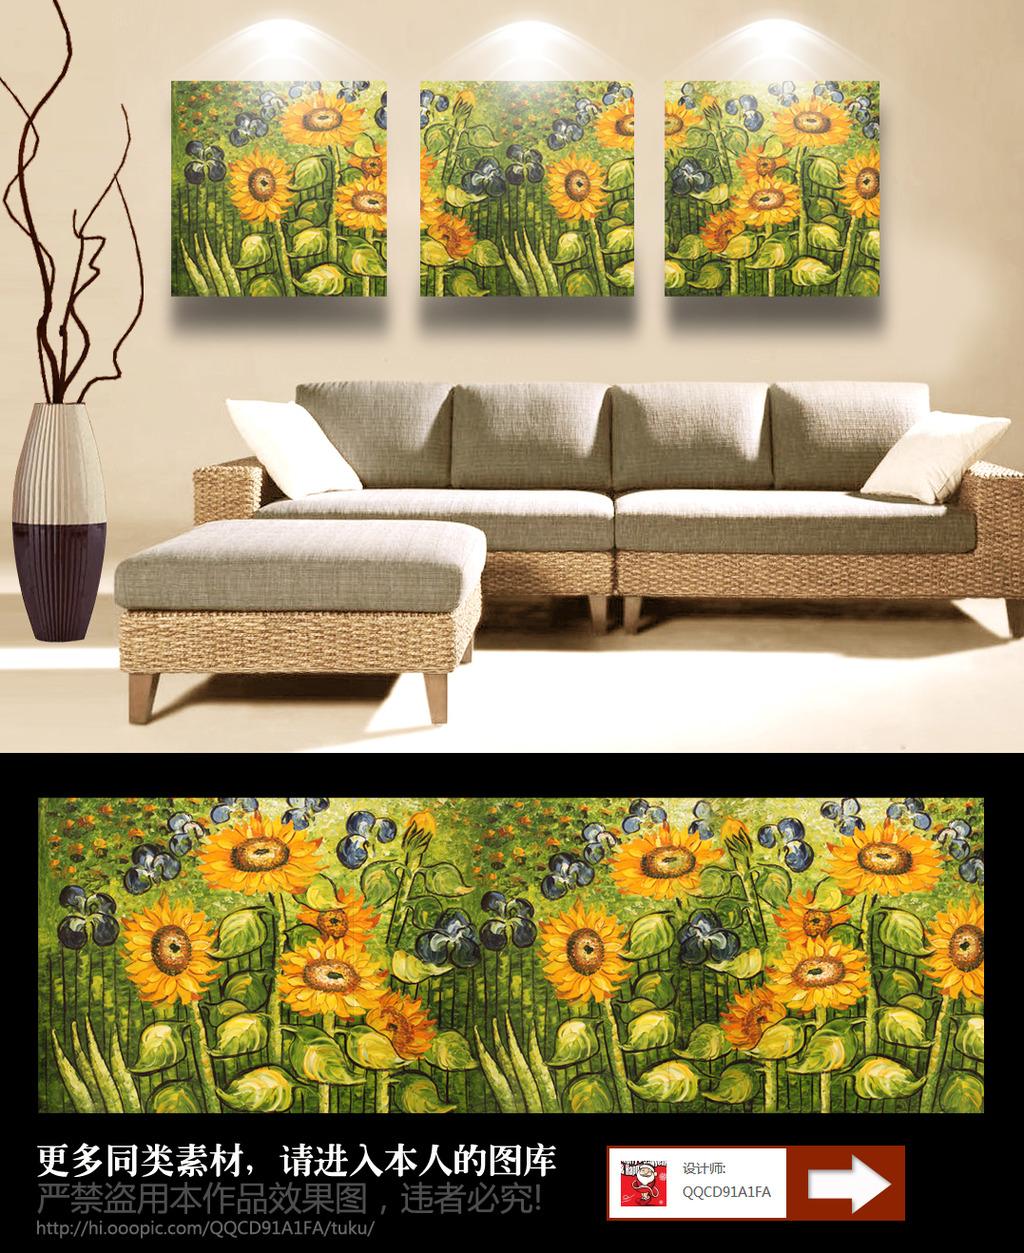 客厅装饰画现代 无框画 田园风景 现代 欧式风景画 庭院 院子 花卉